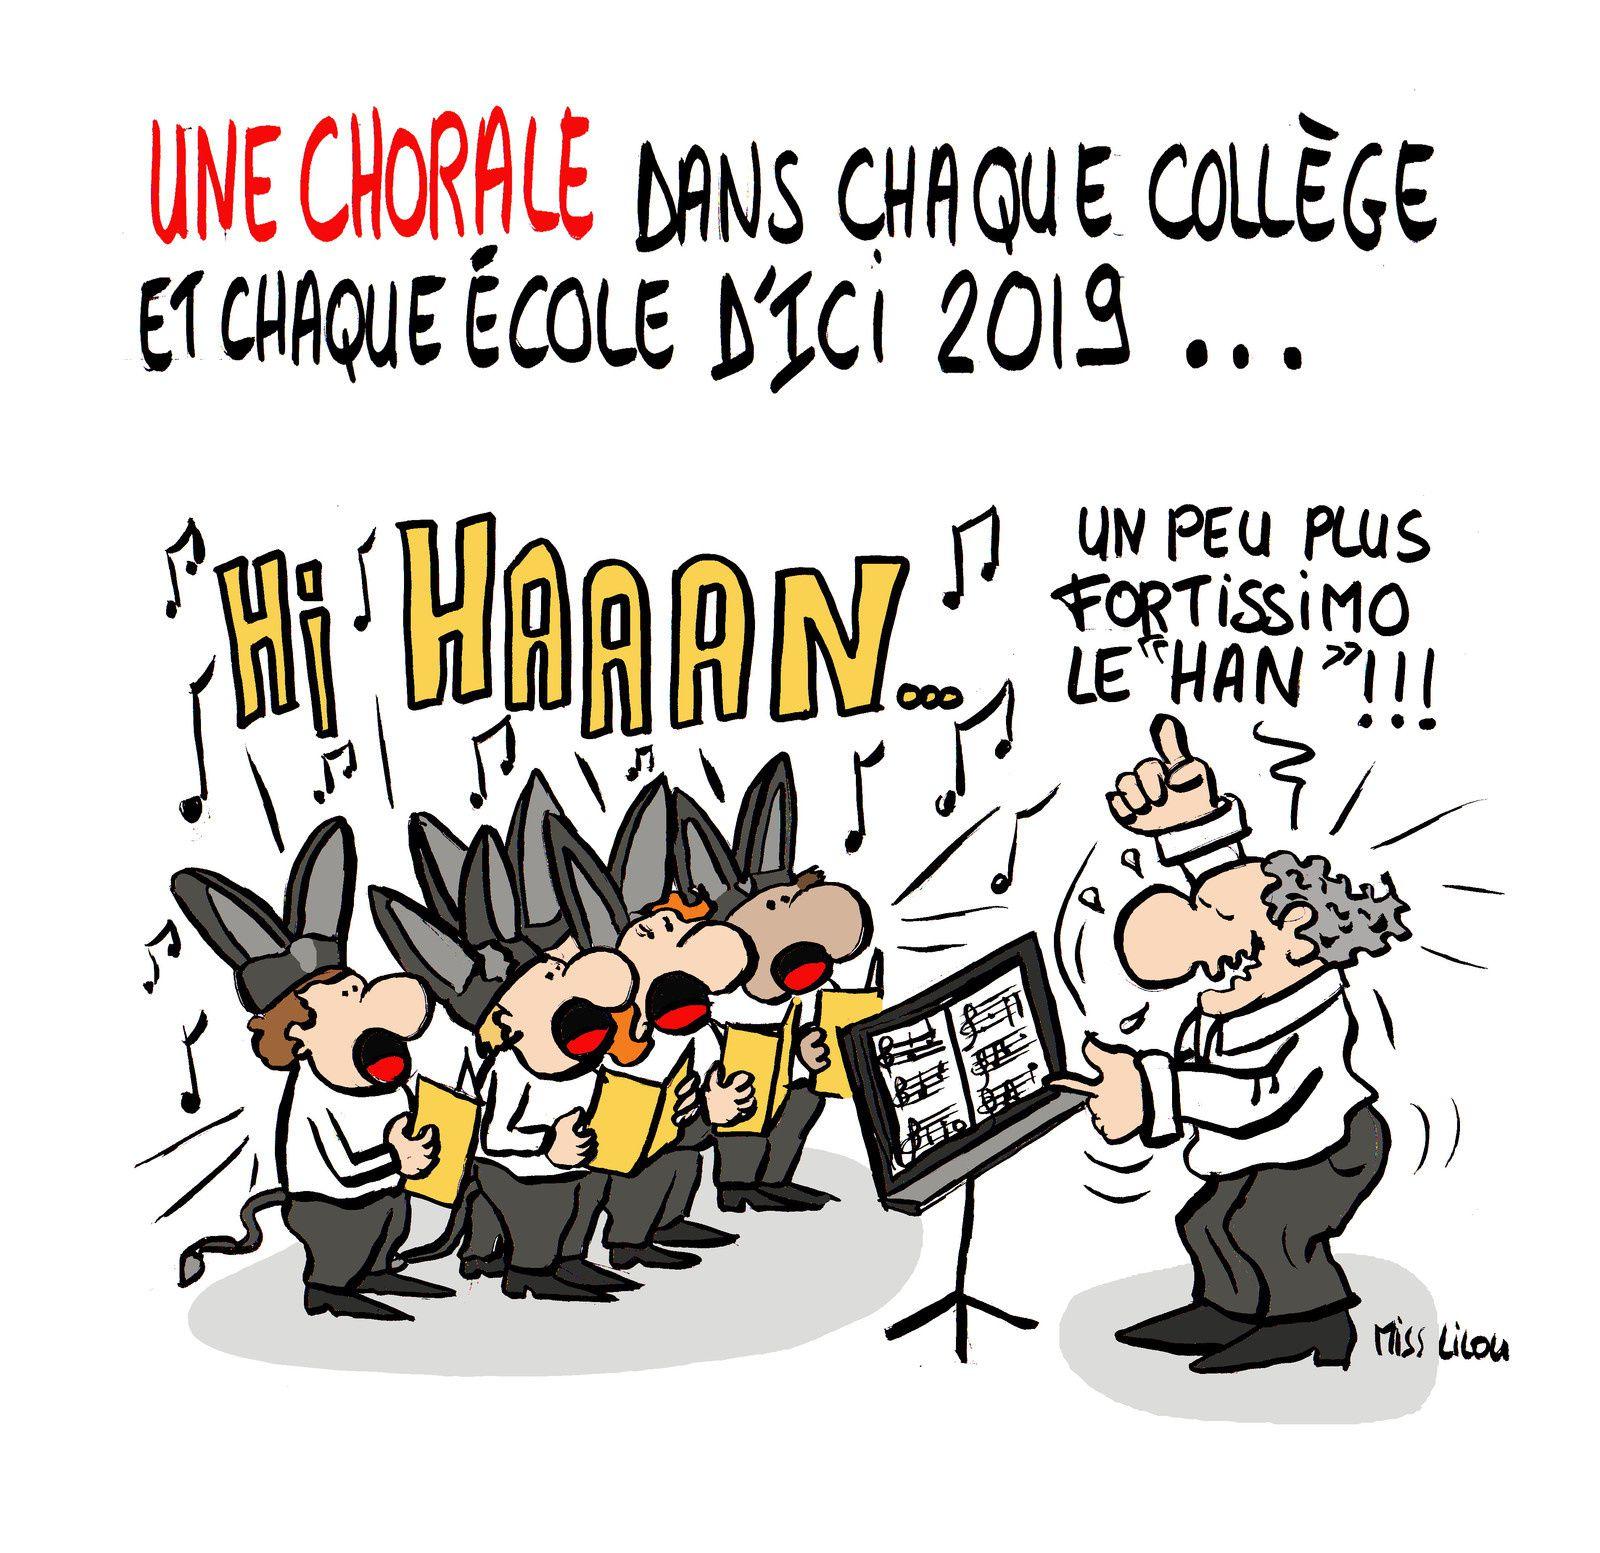 Une chorale dans chaque école et chaque collège d'ici 2019 annonce du Ministre de la Culture et du Ministre de l'Education Nationale